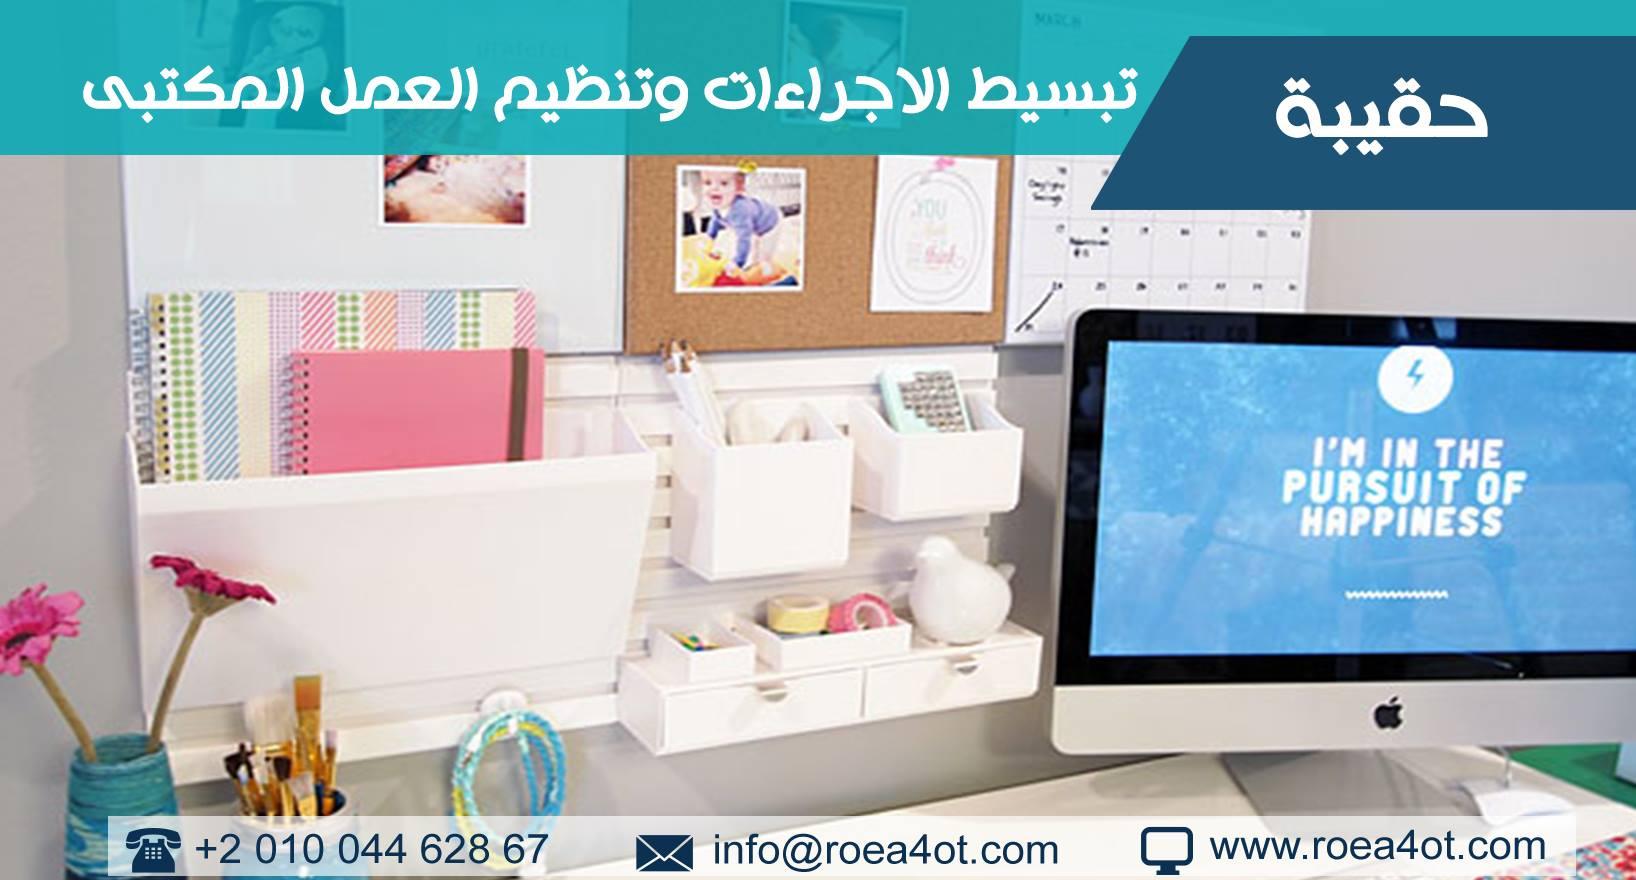 تبسيط الاجراءات وتنظيم العمل المكتبى